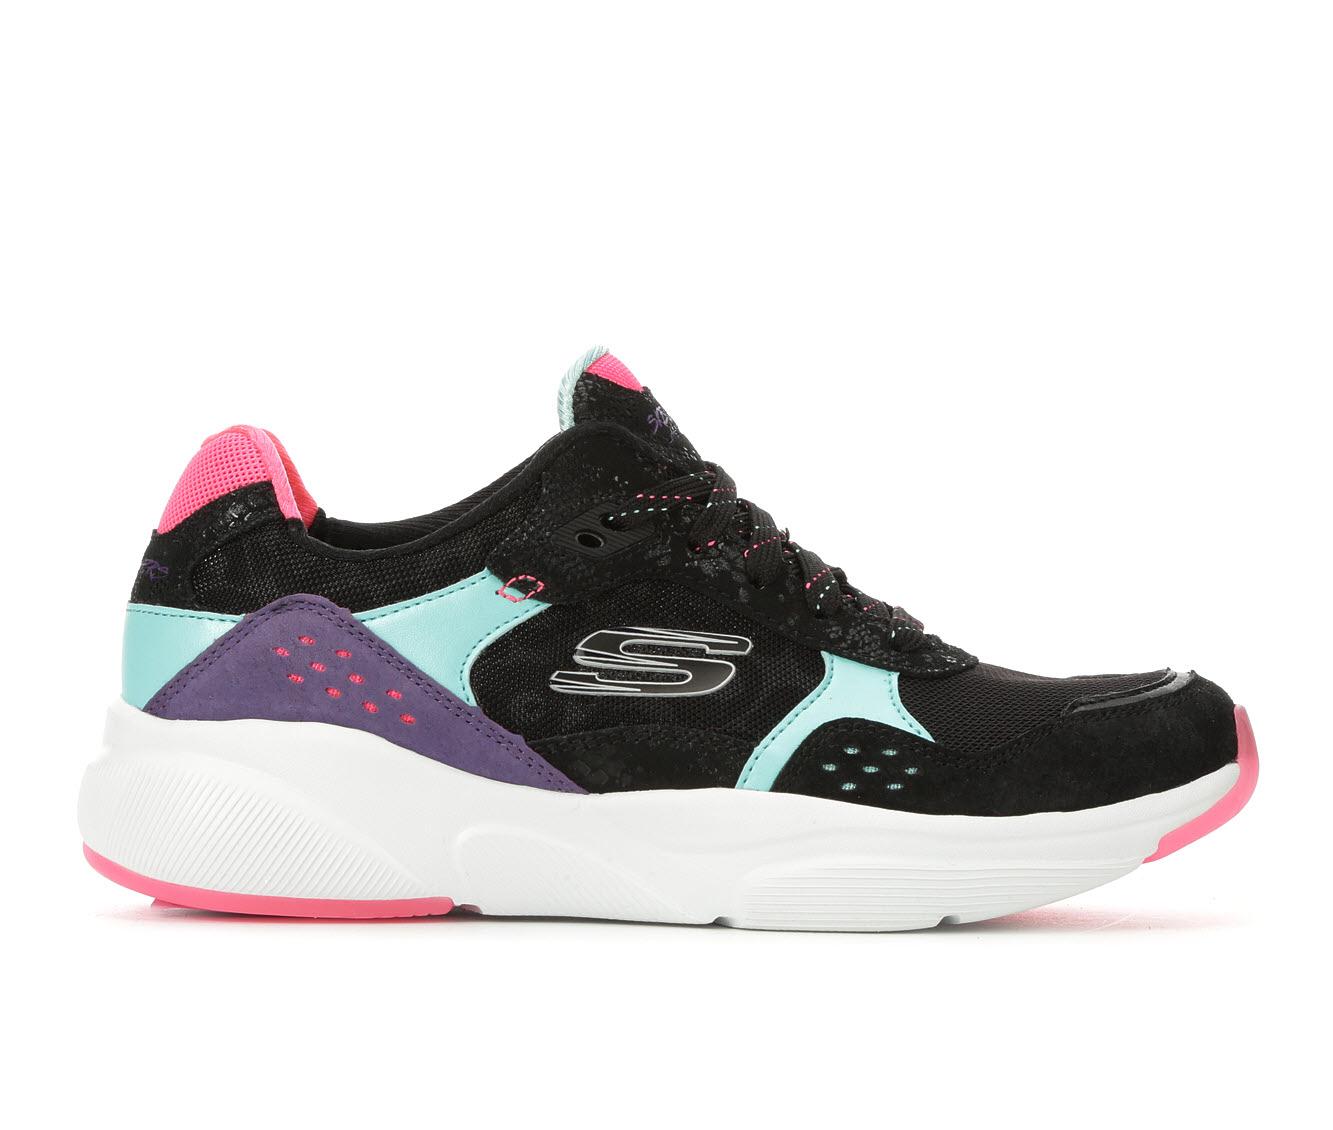 Skechers No Worries 13020 Women's Athletic Shoe (Black)